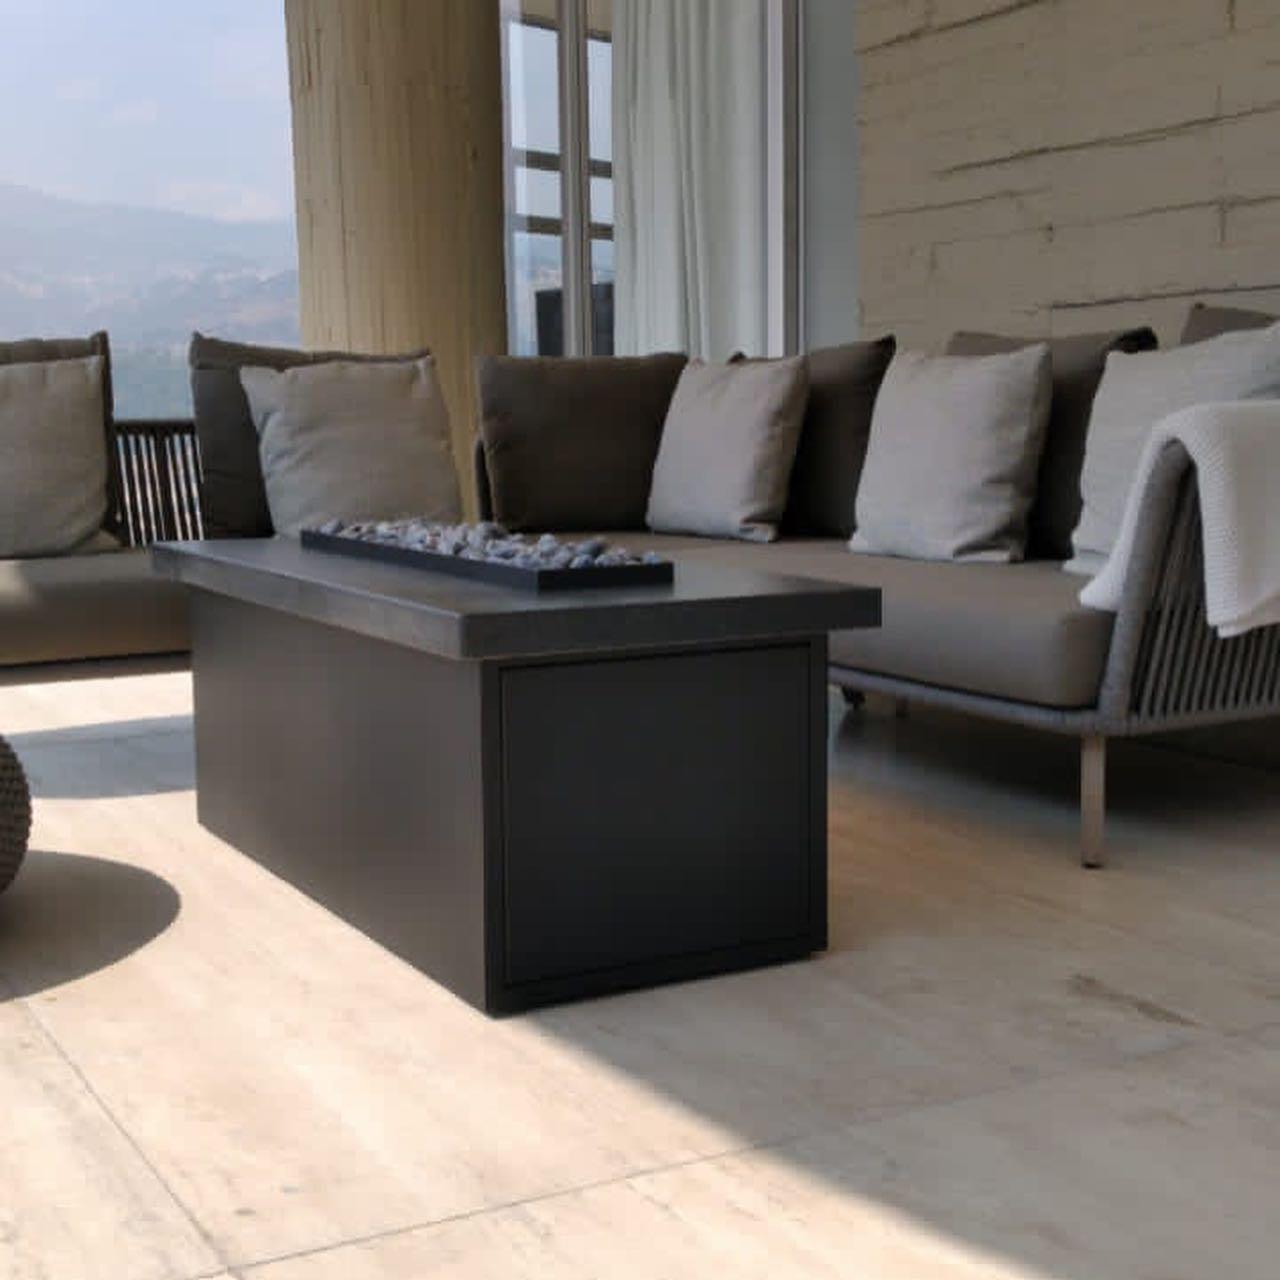 Aprovecha tu terraza en esta temporada manteniendo a todos sin frío! #diseñamosconfuego